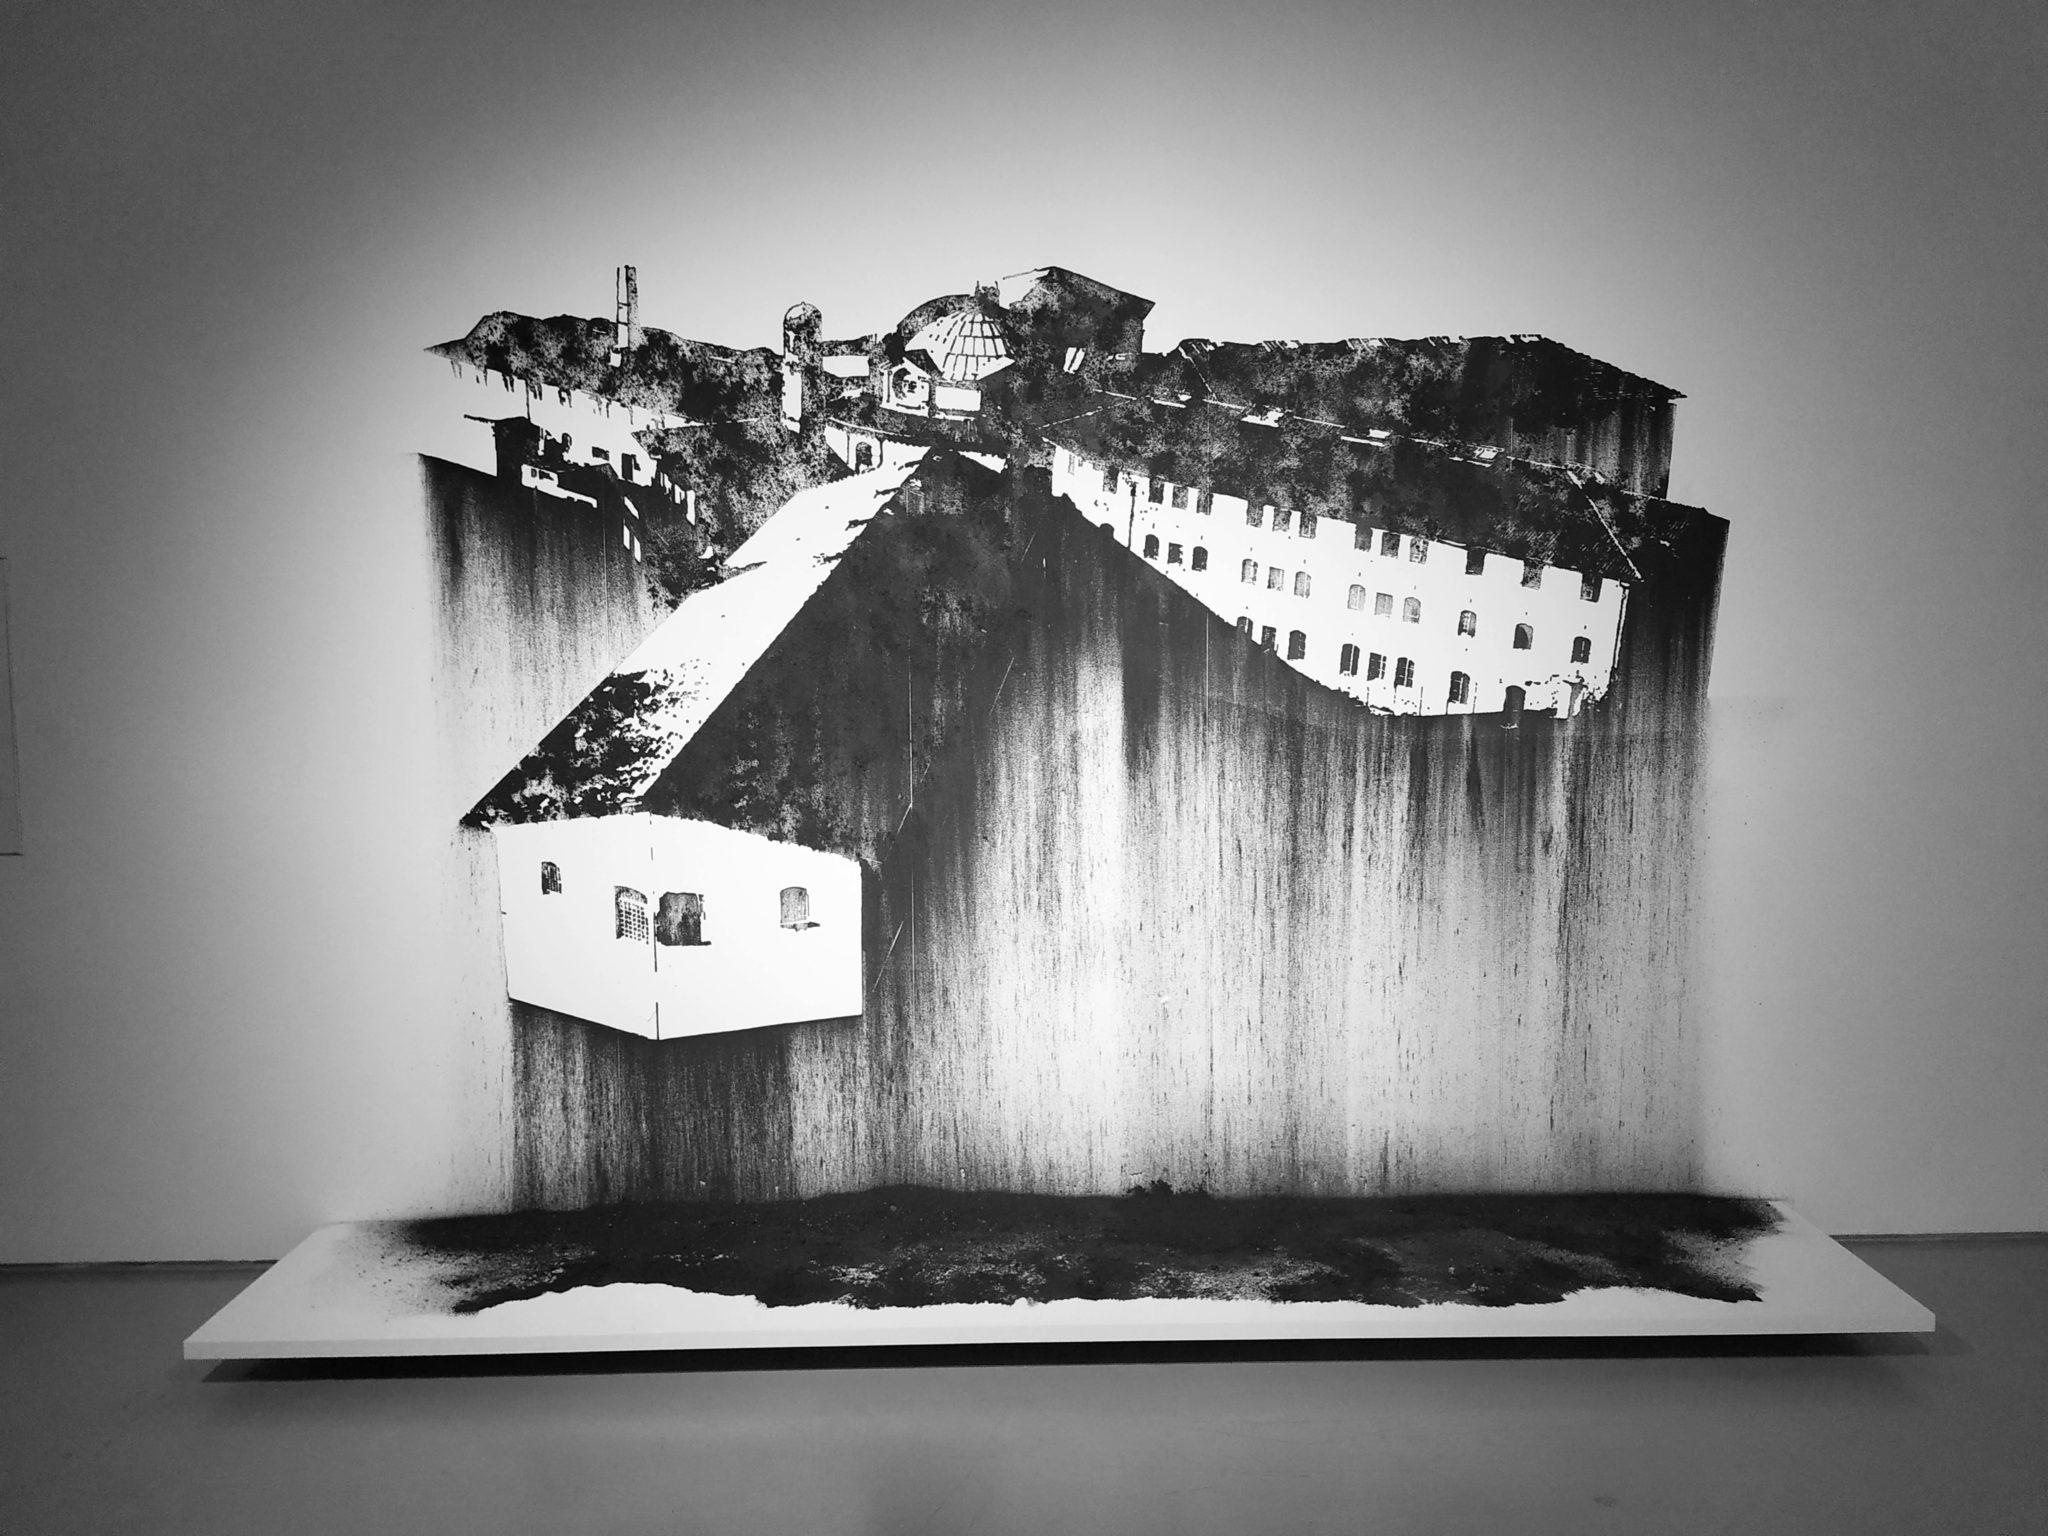 Nicolas Daubanes, Prison Saint-Michel, Toulouse, 2019_Dessin mural à la poudre d'acier aimantée, 200 x 280 cm_Vue de l'exposition Confinement- Politics of Space and Bodies, CAC Cincinnati, 2019